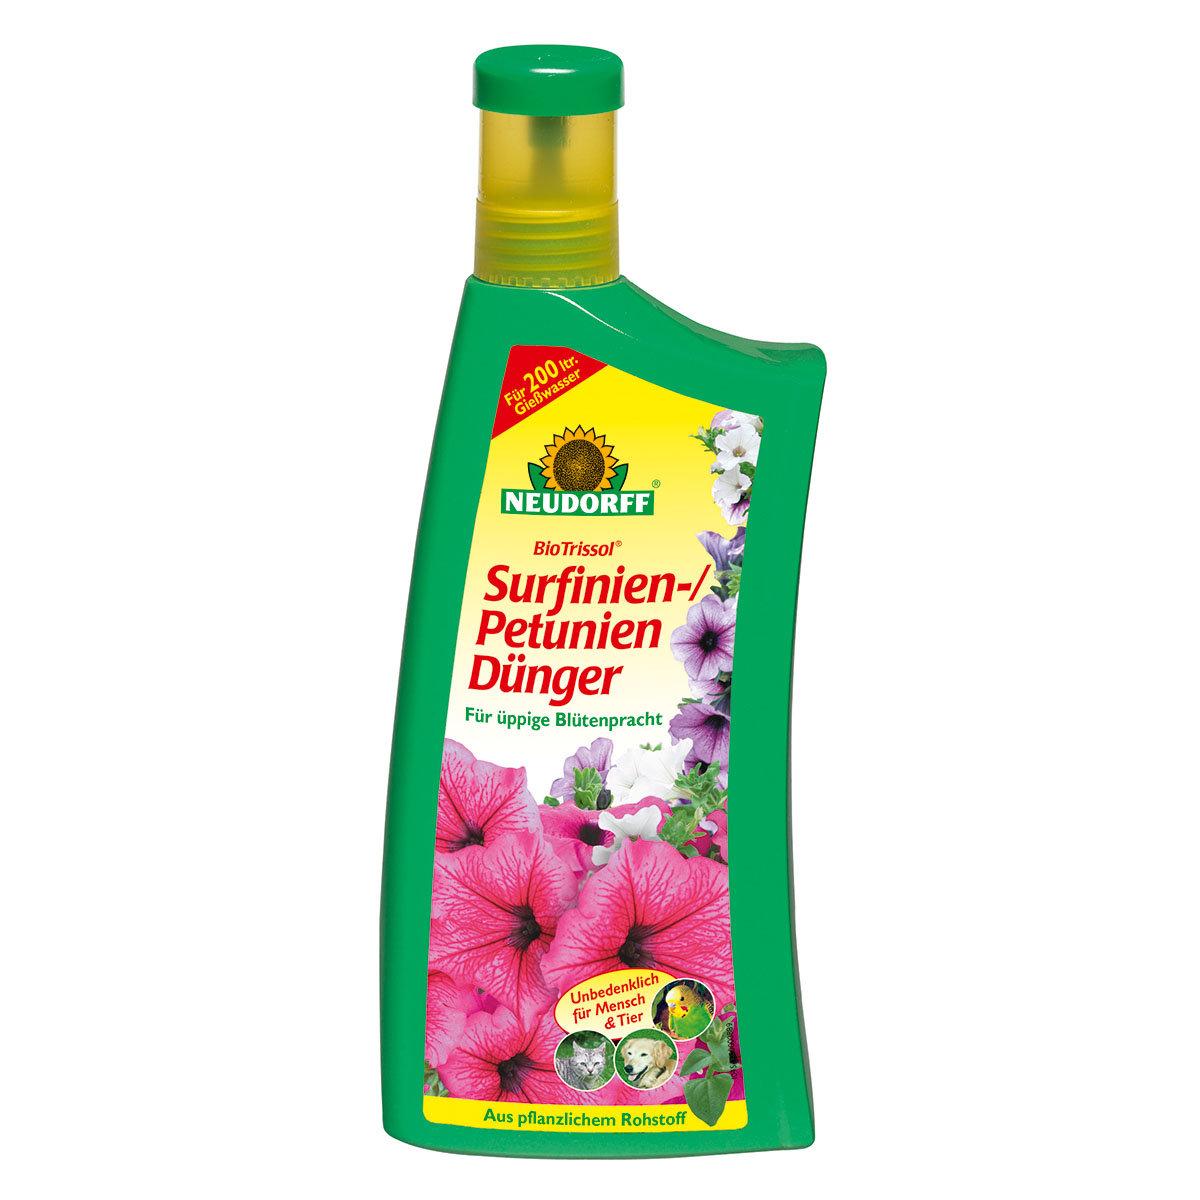 Neudorff® BioTrissol® Surfinien- / PetunienDünger, 1 Liter